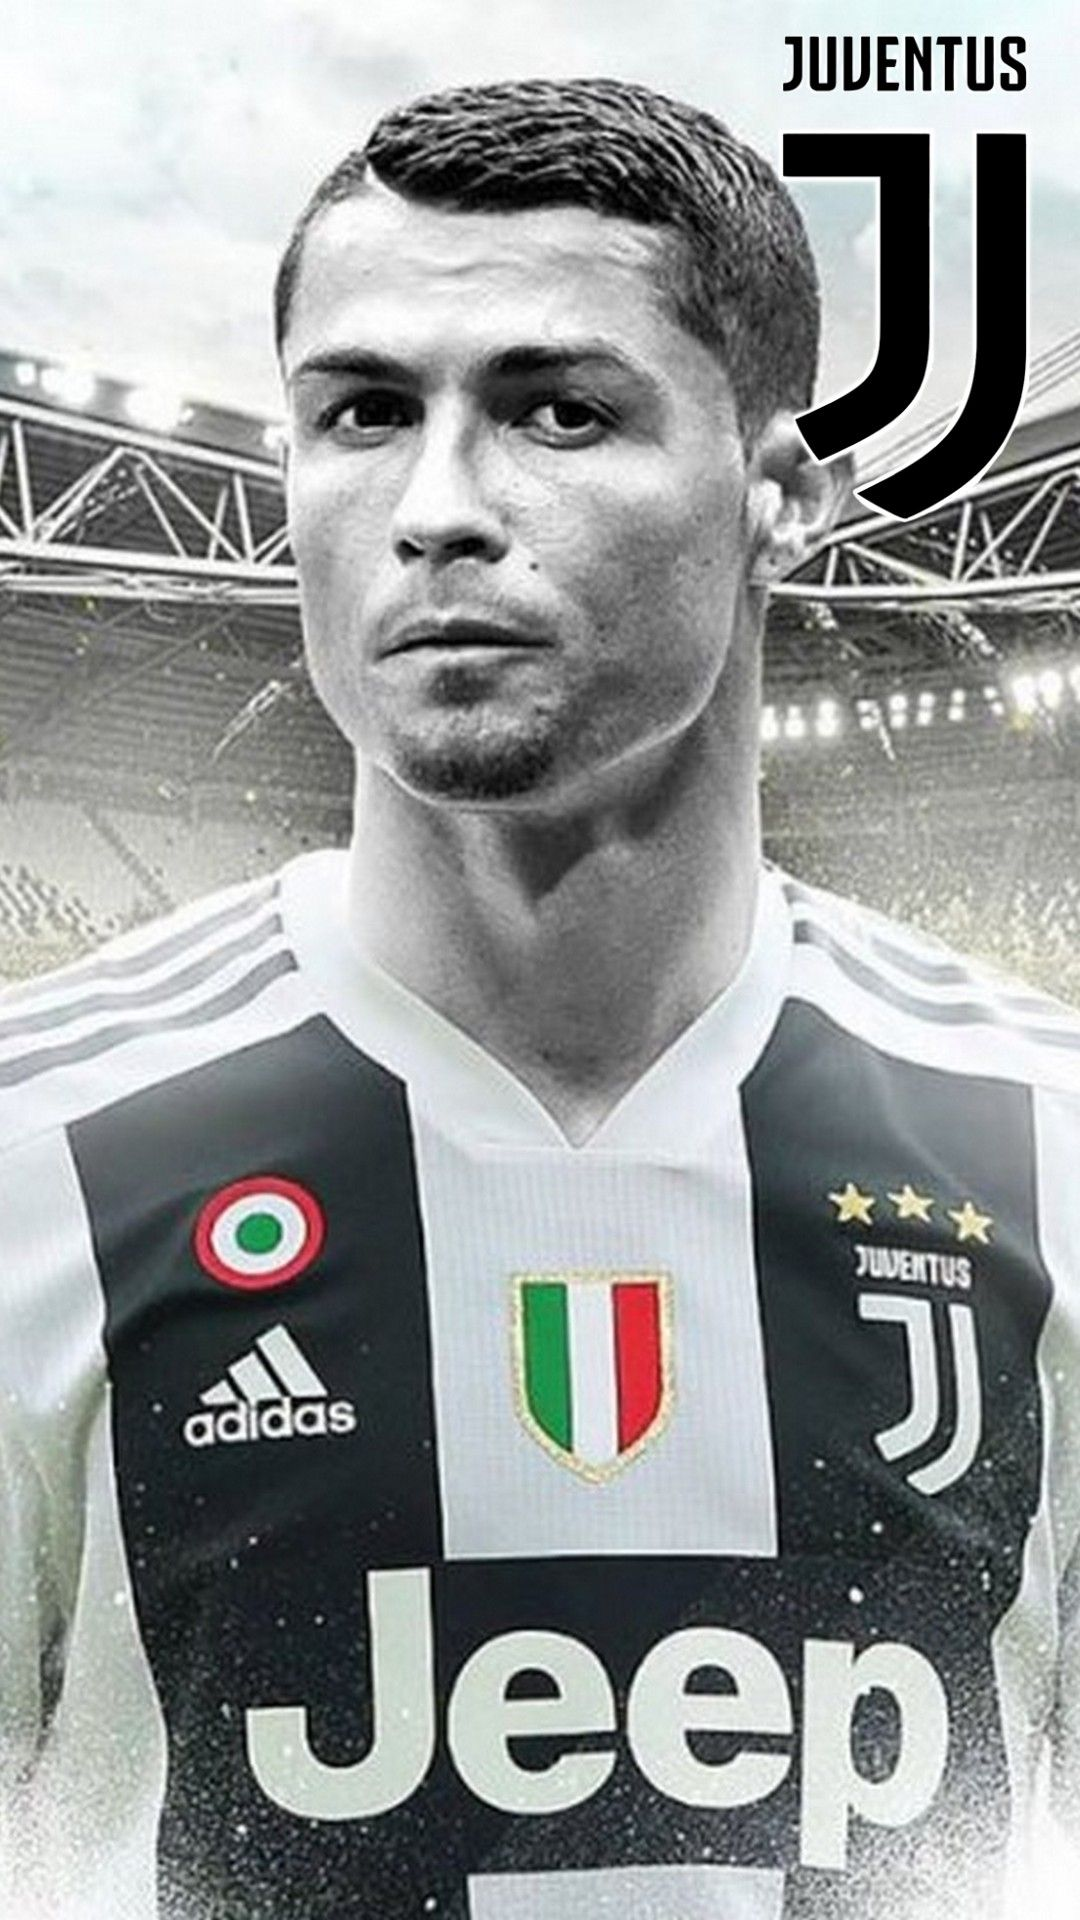 1080x1920 Bắt đầu tải xuống - Cr7 Juventus Wallpaper HD Mobile, HD